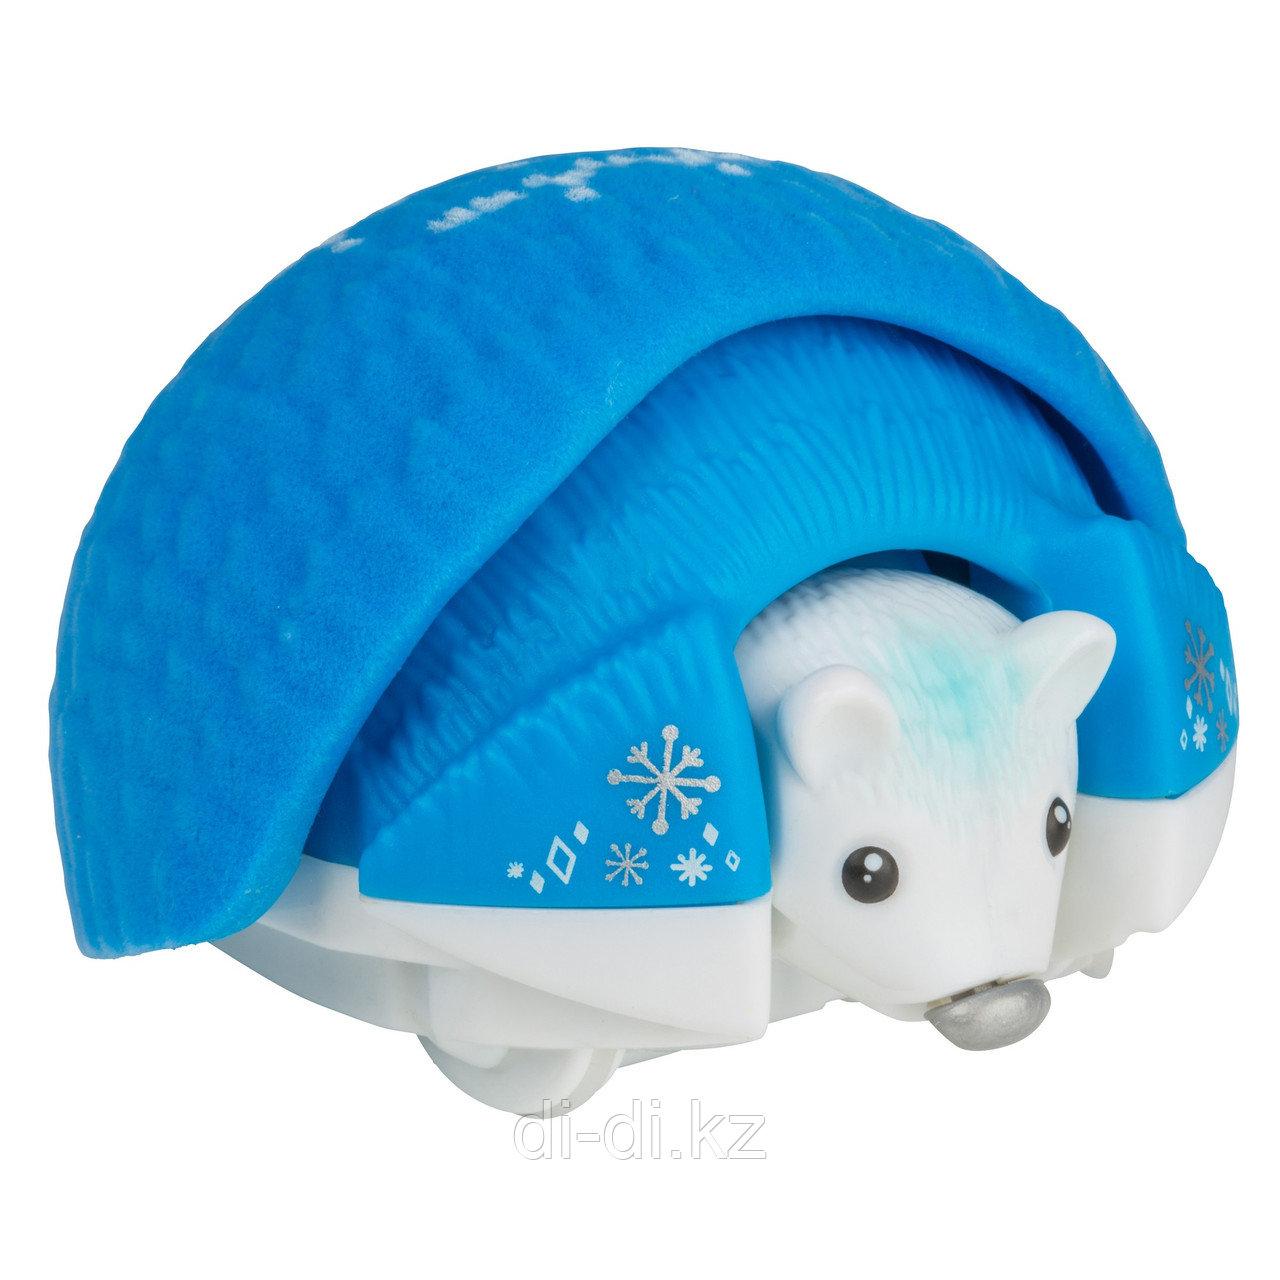 Интерактивная игрушка Ёжик Литл Лайф Петс Snowbie